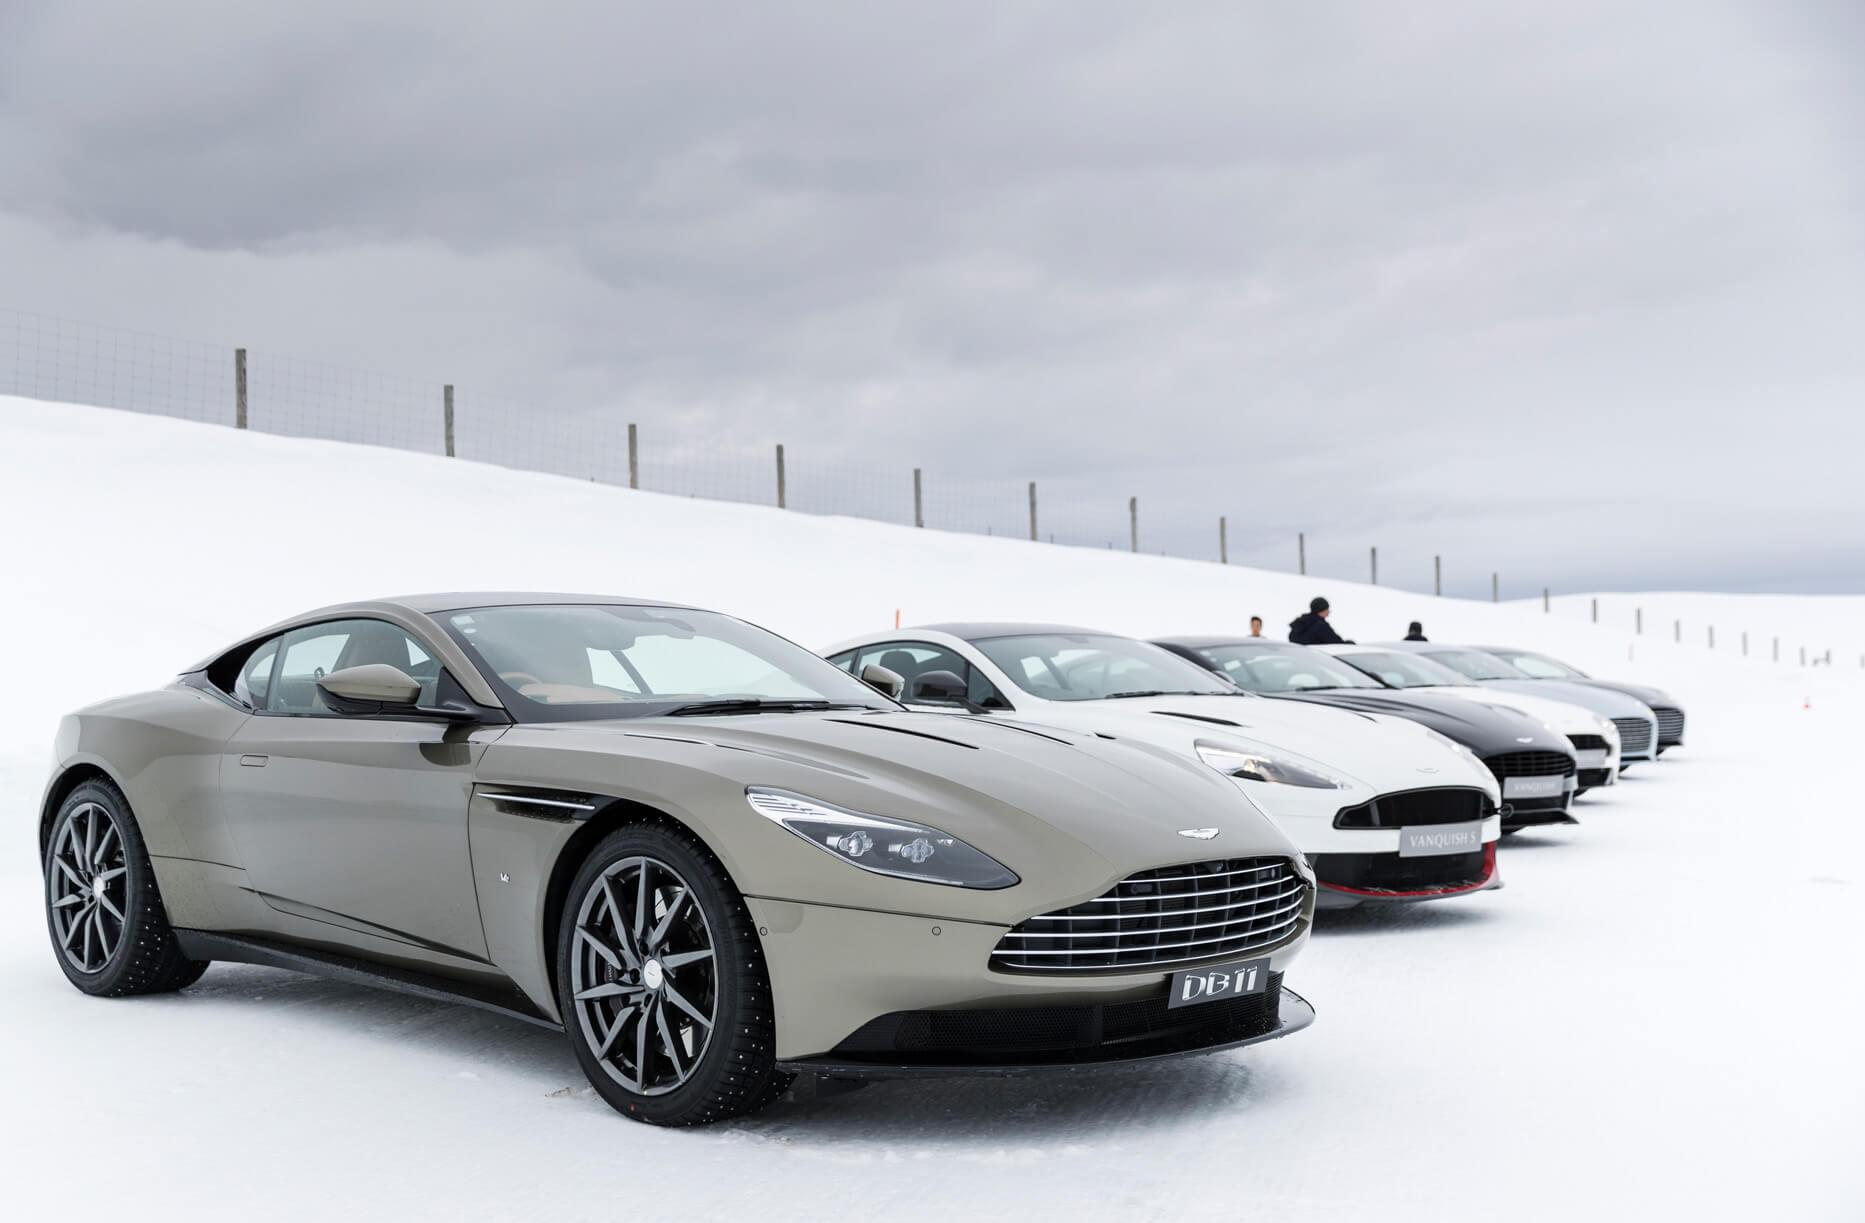 Aston Martin On Ice New Zealand